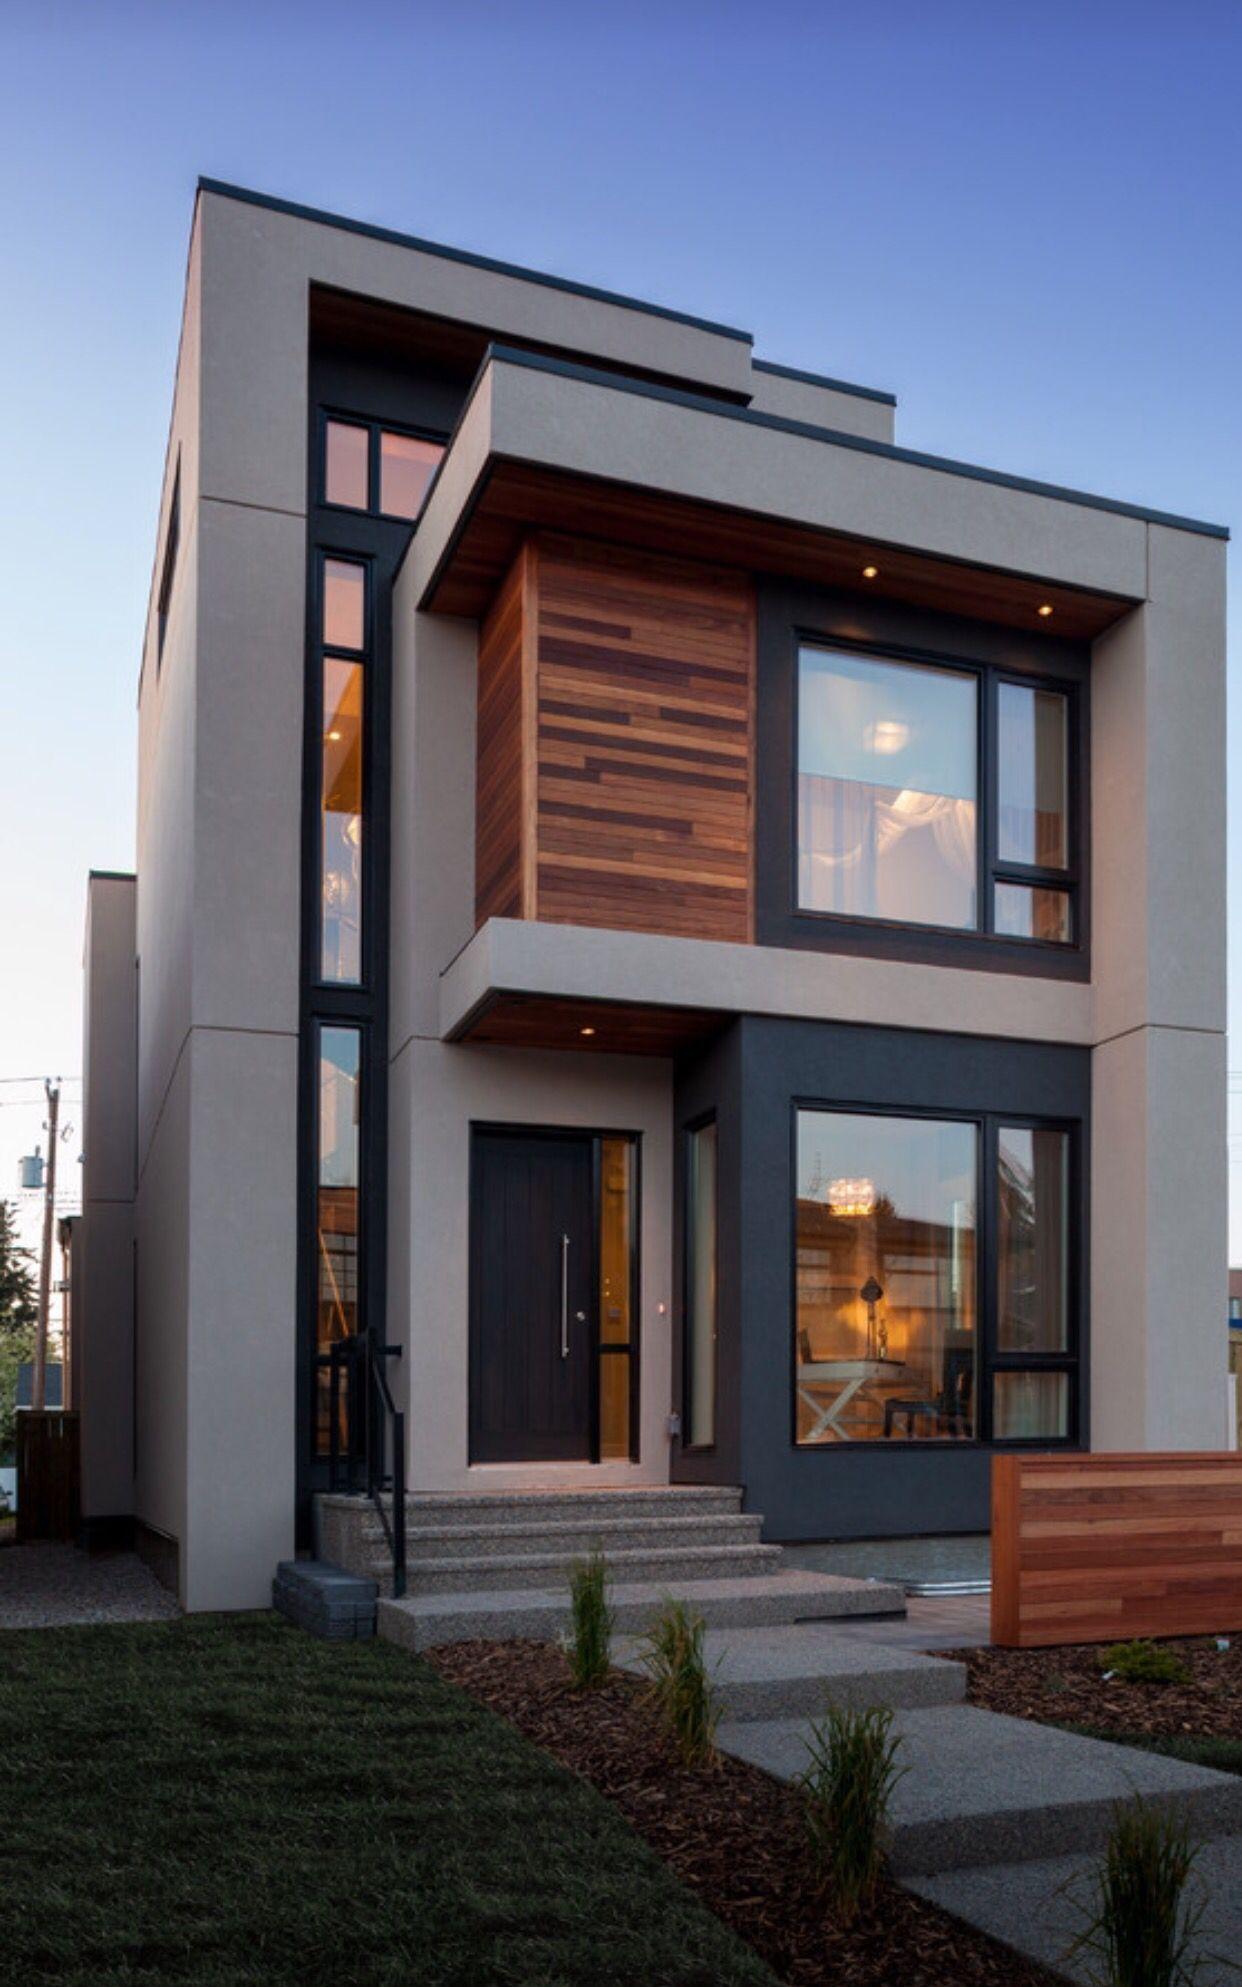 Imagen relacionada progetto casa a schiera case di for Architettura moderna case